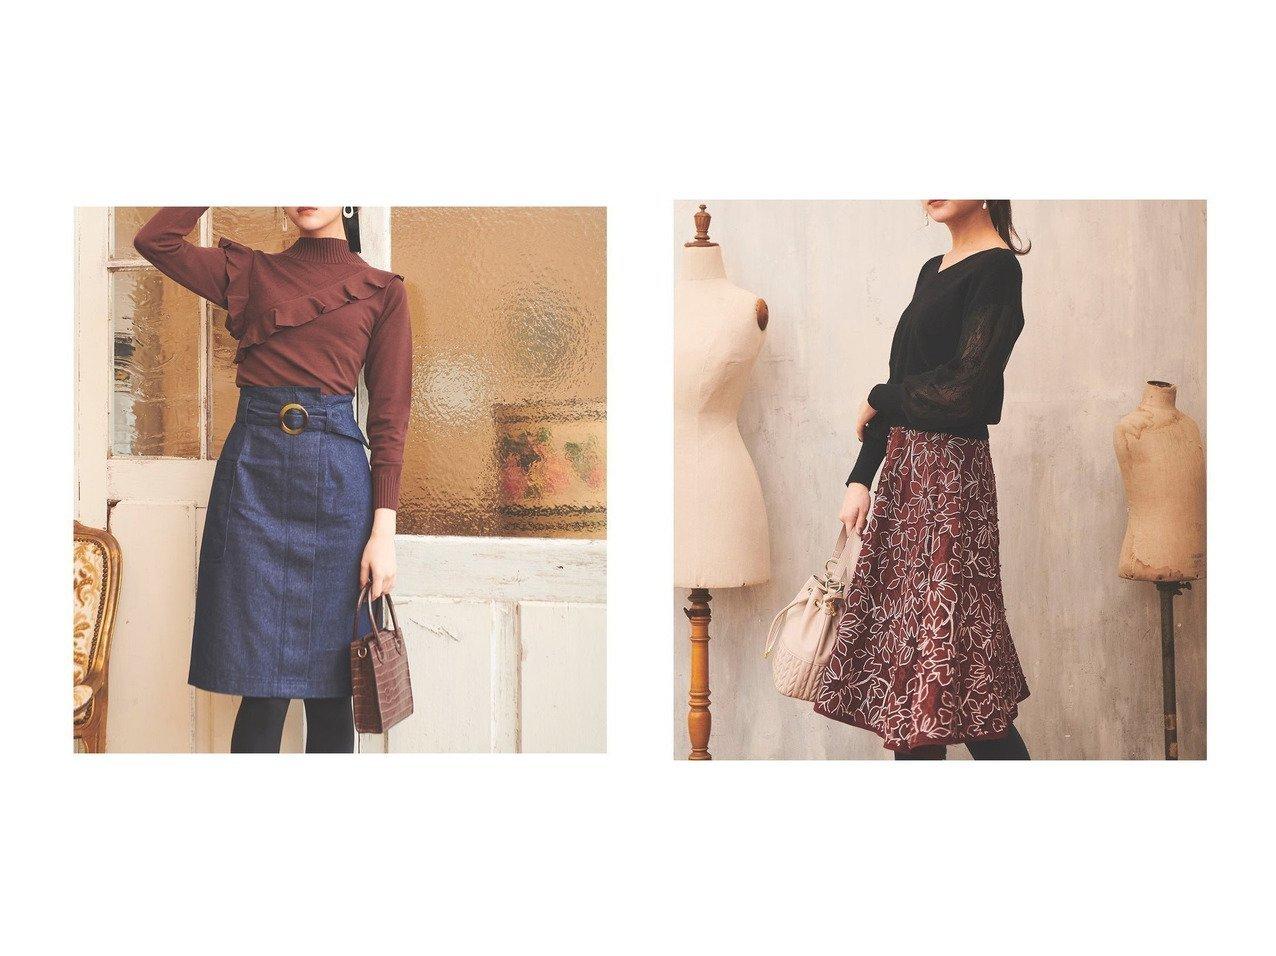 【31 Sons de mode/トランテアン ソン ドゥ モード】の【スカート】フラワーレーススカート&ベルト付きハイウエストタイトスカート スカートのおすすめ!人気、レディースファッションの通販 おすすめで人気のファッション通販商品 インテリア・家具・キッズファッション・メンズファッション・レディースファッション・服の通販 founy(ファニー) https://founy.com/ ファッション Fashion レディース WOMEN スカート Skirt ベルト Belts アシンメトリー 春 秋 カットソー シューズ ストレート スニーカー チェスターコート デニム トレーナー フラット ブルゾン ロング 冬 Winter  ID:crp329100000001520